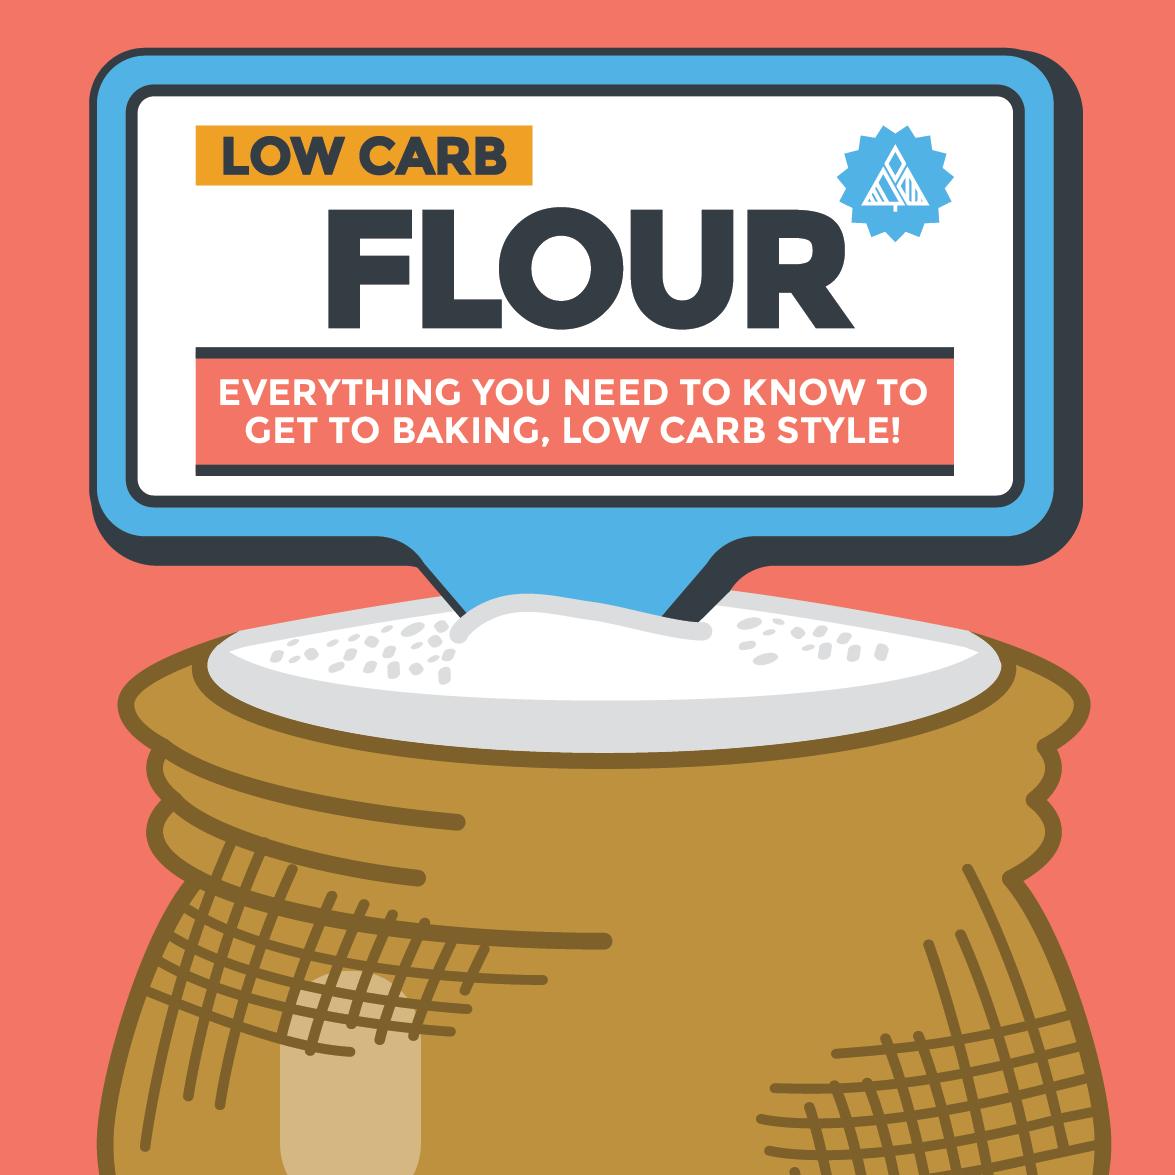 Low Carb Flour 101